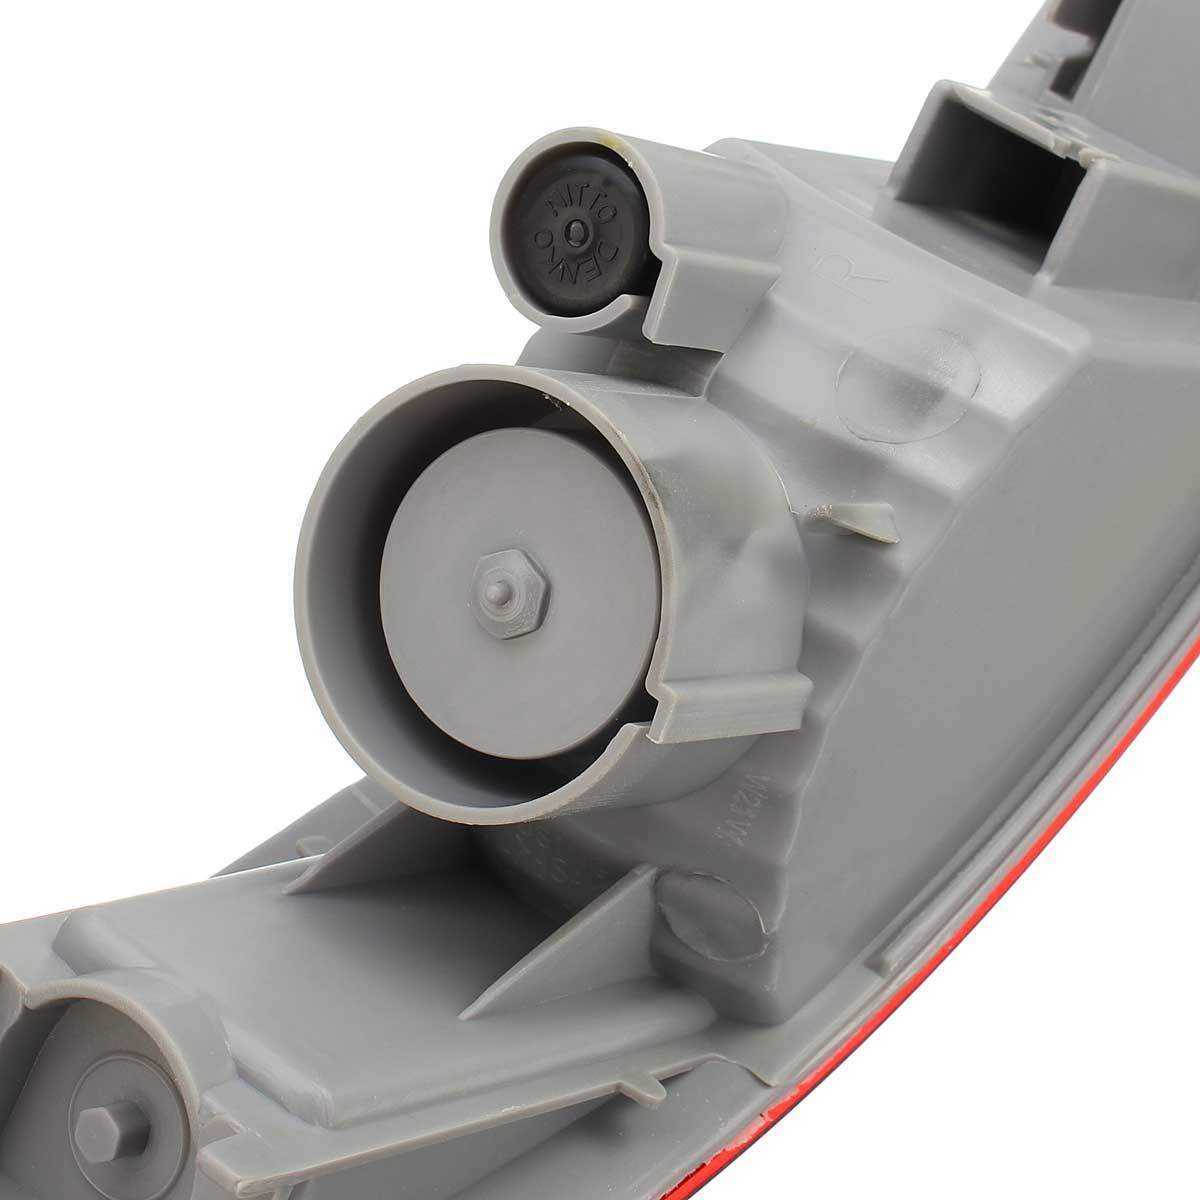 REFURBISHHOUSE Parachoques Trasero de Coche Reflector Halogeno Trasero para Mitsubishi//Outlander Ex2007-2012 Sl693-Rh Sl693-Lh